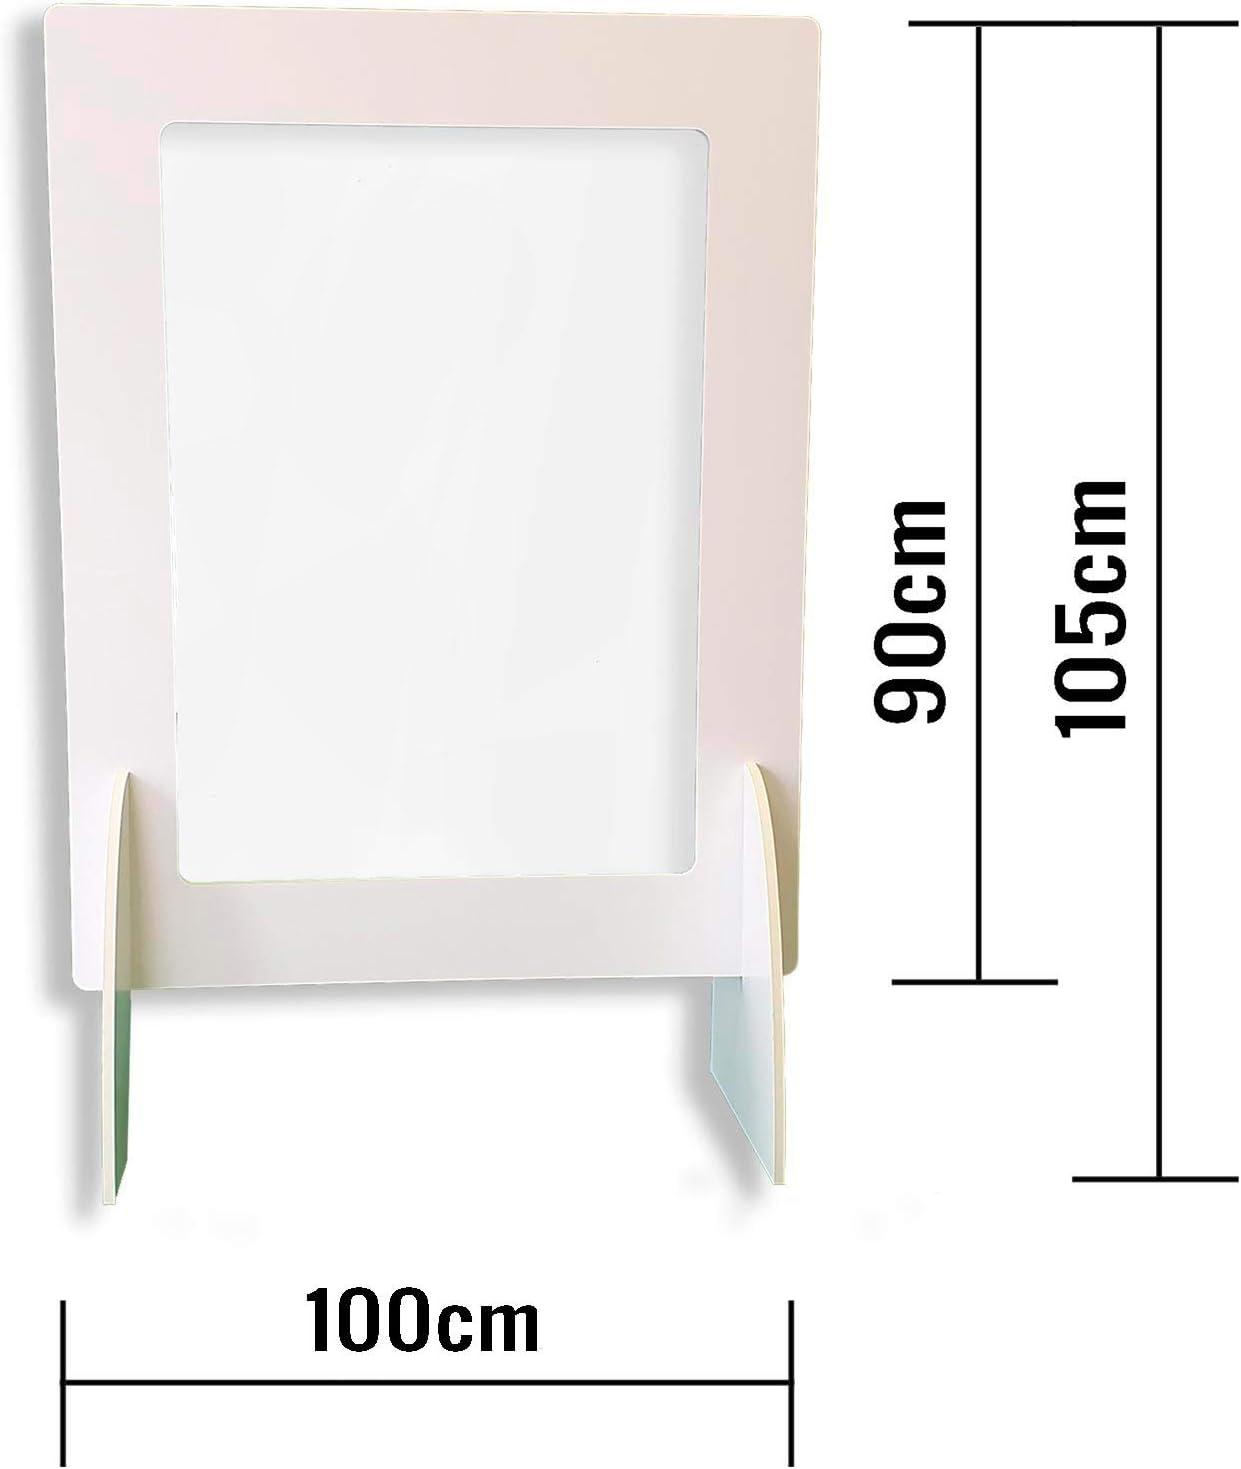 Pantalla Protección Mostrador 100x90cm - Fabricado en Foam 10mm y ...